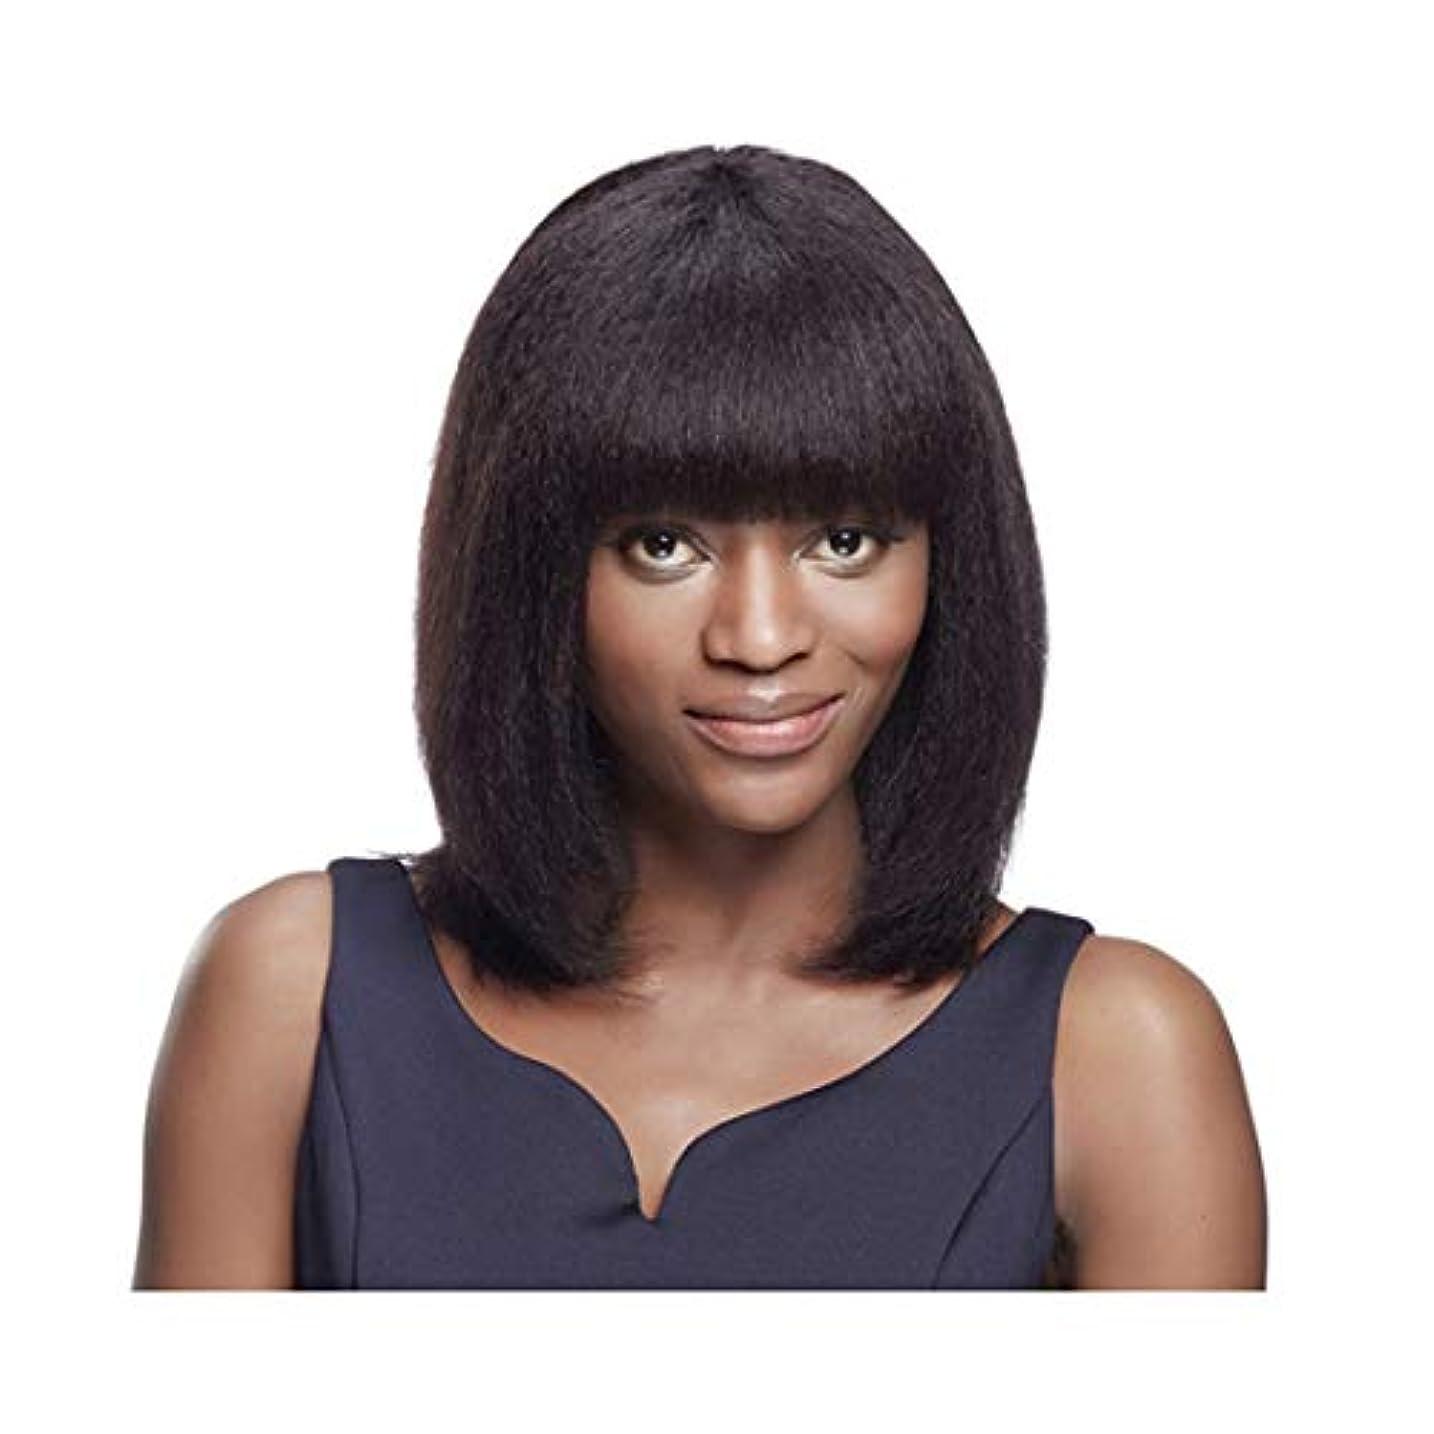 生まれキャプション保存するSummerys レディースショートヘアふわふわナチュラルウェーブヘッドと前髪ウィッグセット